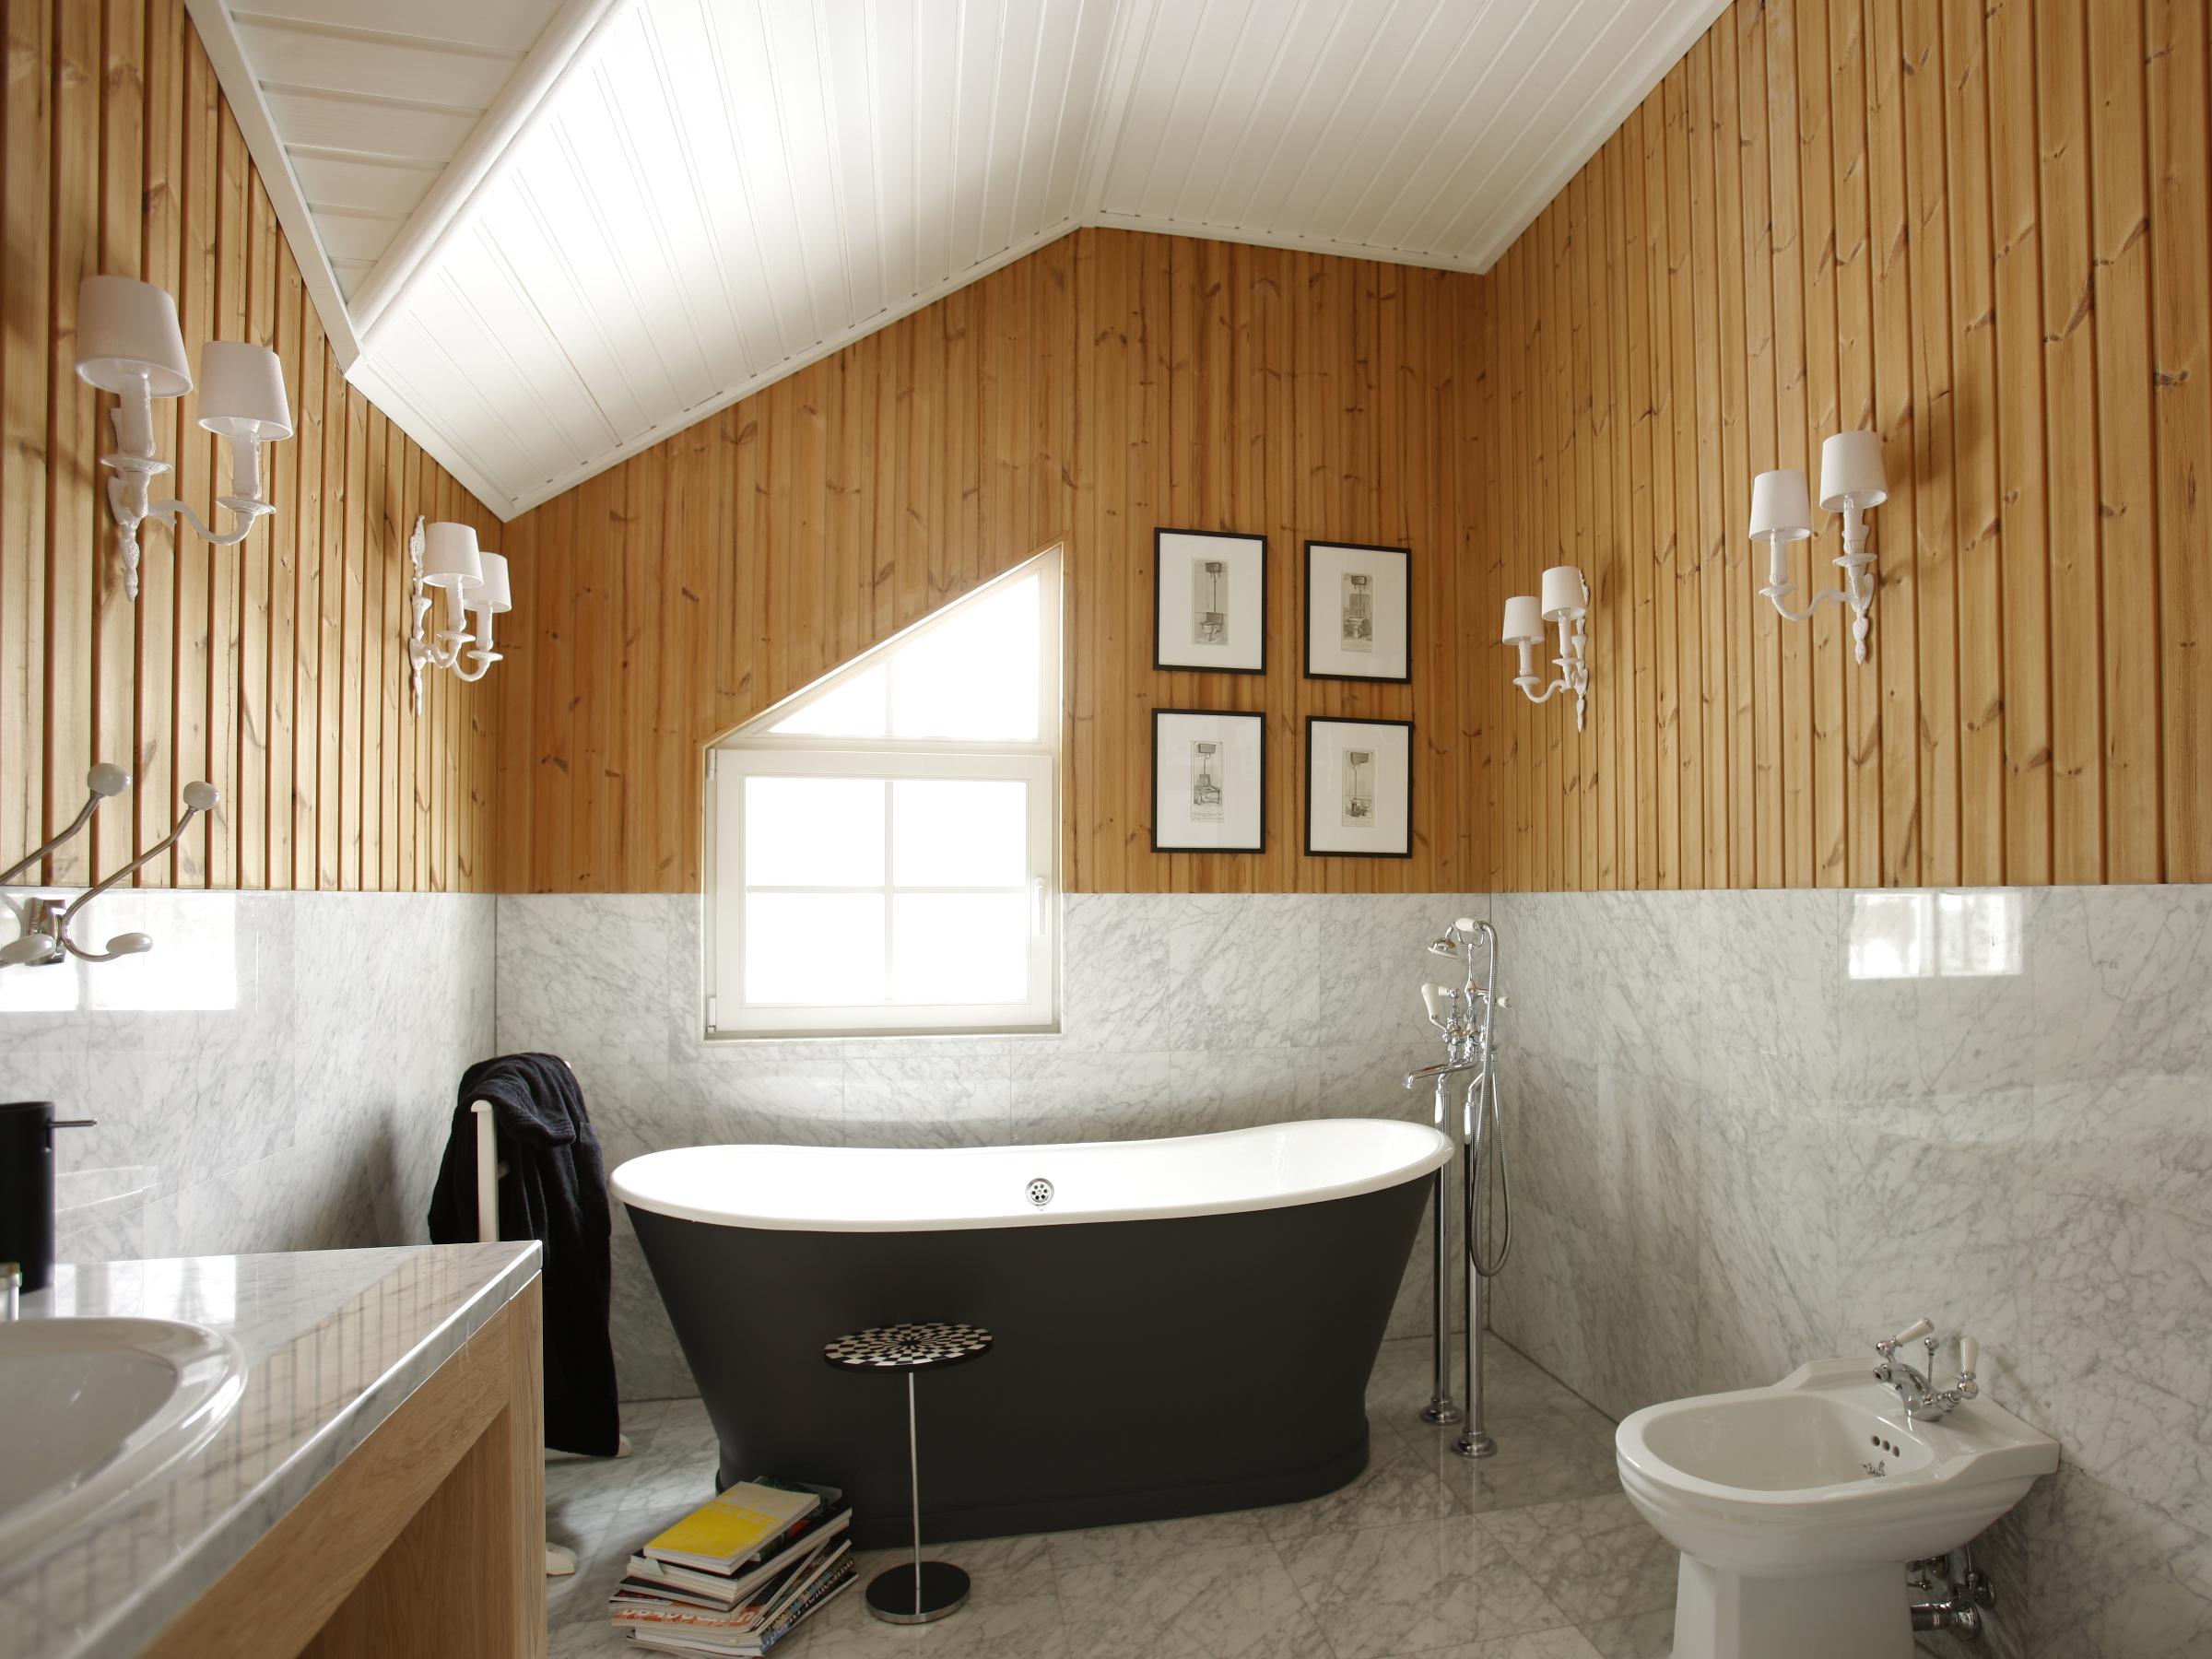 Ванная комната из дерева своими руками